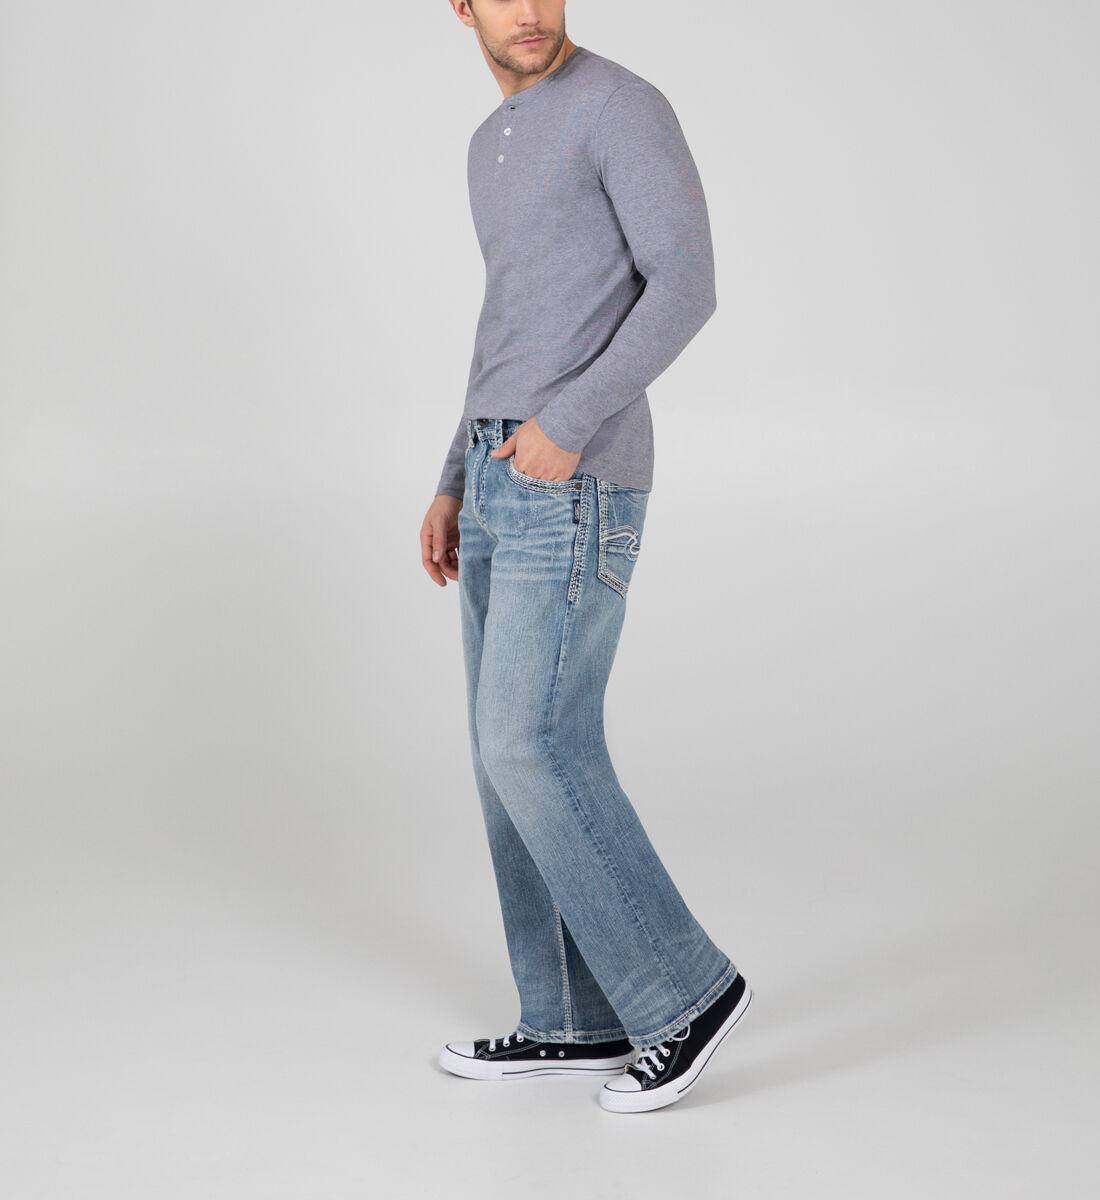 Gordie Loose Fit Straight Leg Jeans Side